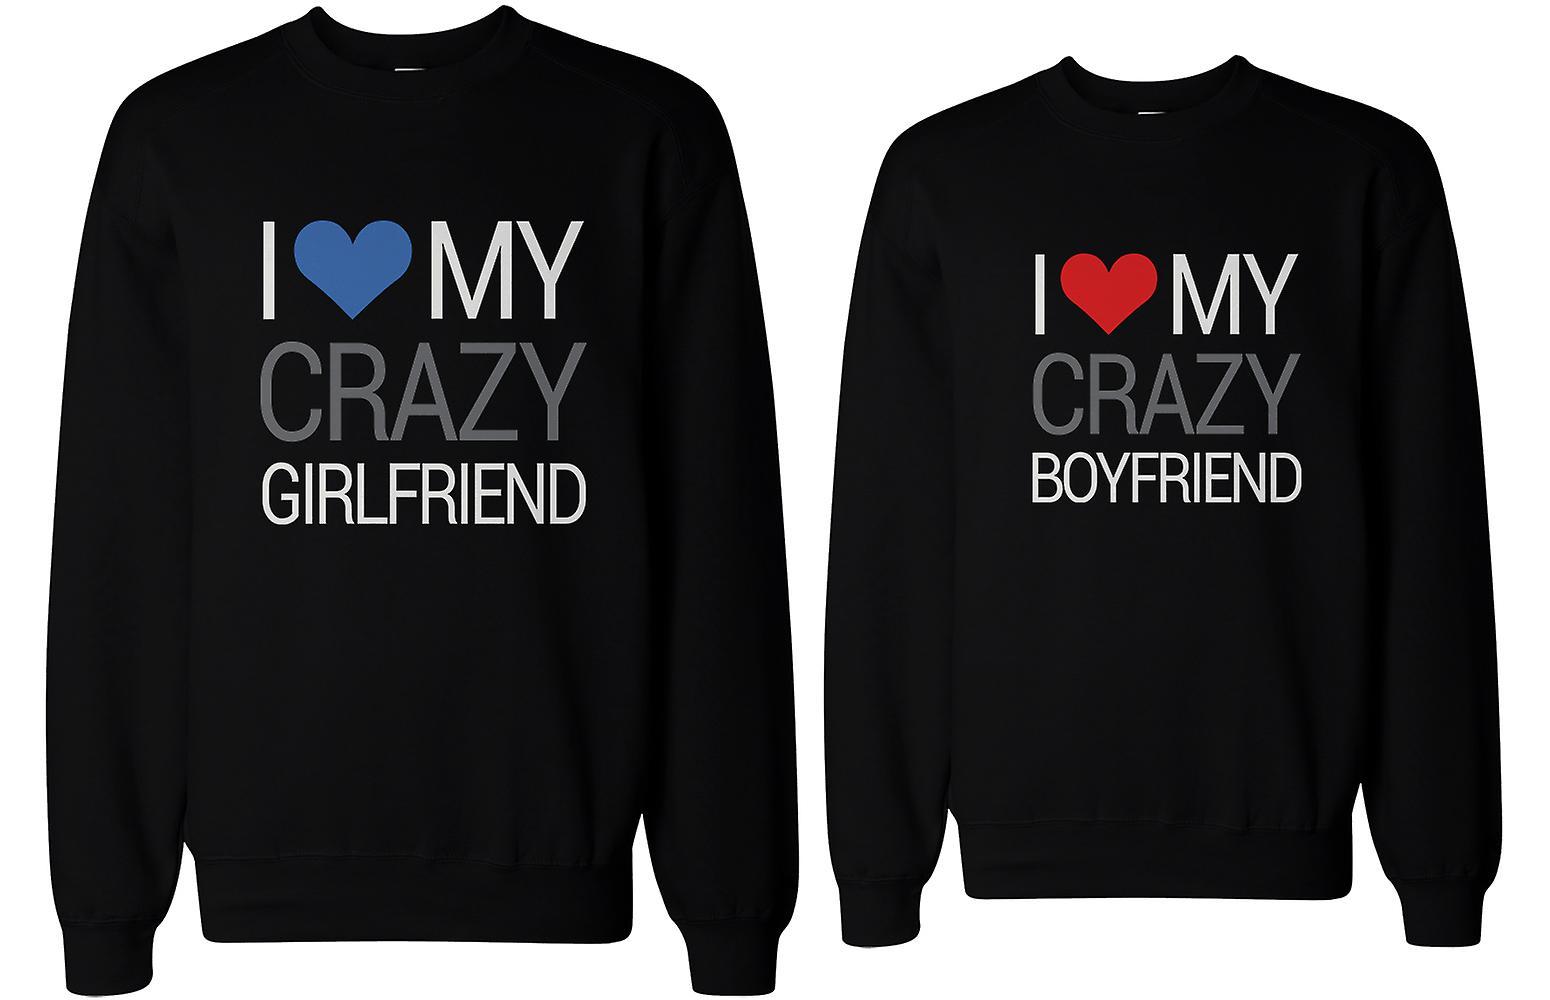 pojkvän och flickvän tröjor